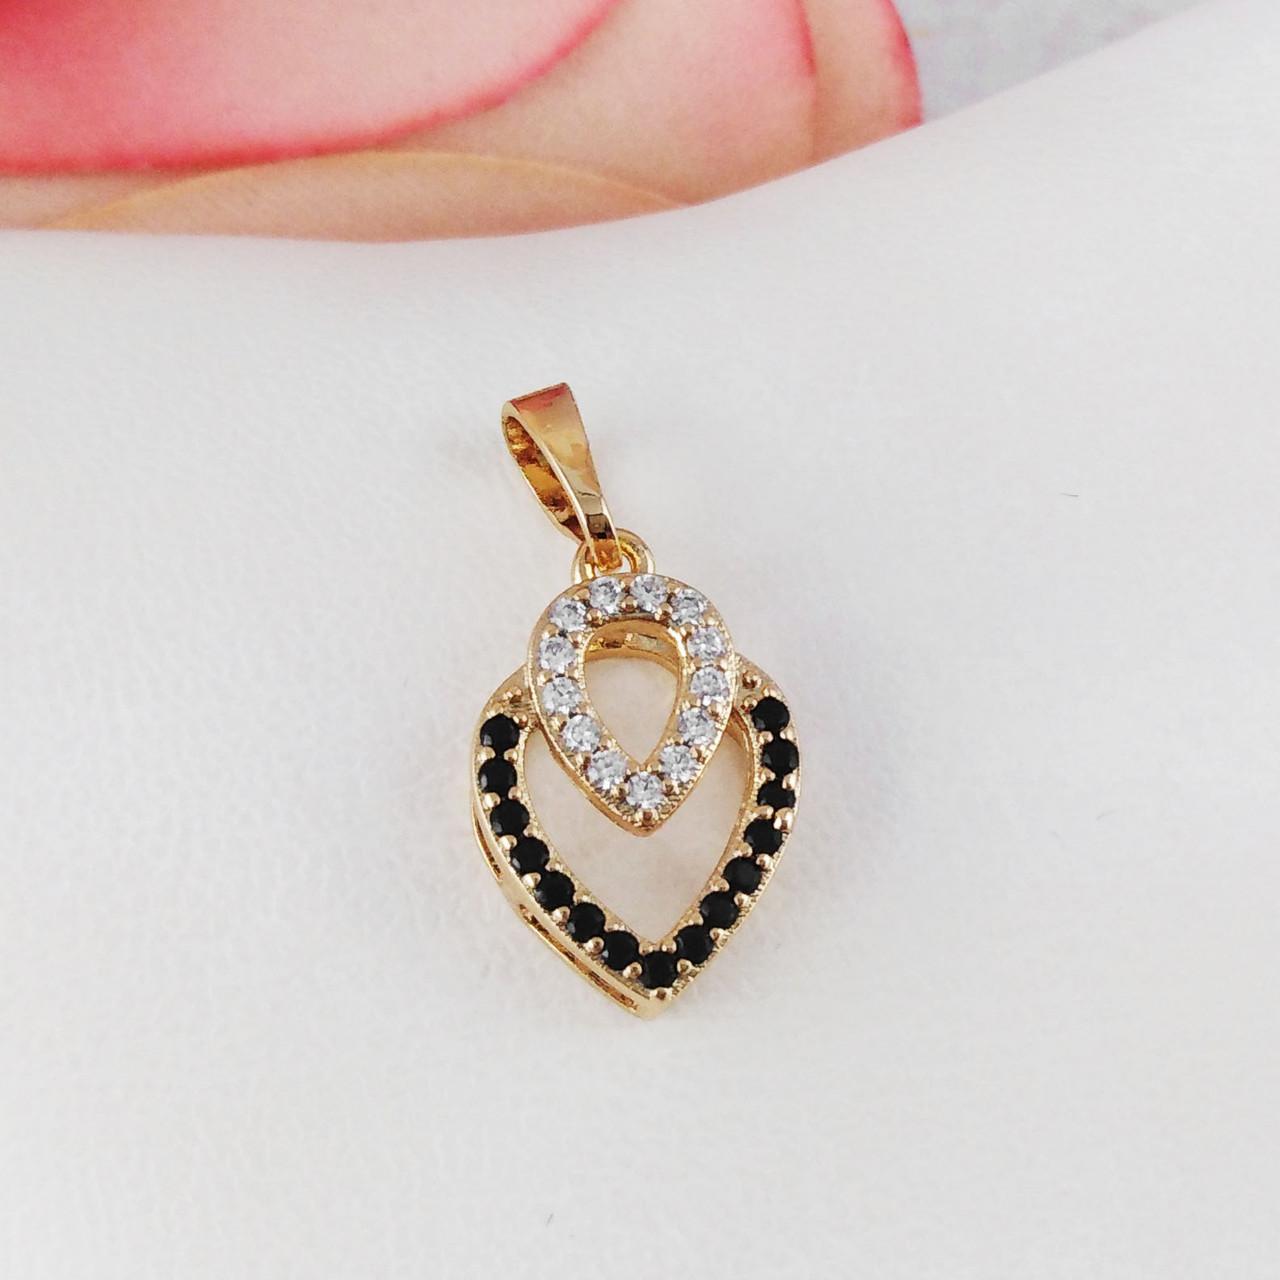 """Подвеска кулон Xuping Jewelry """"Двойная капелька"""" медицинское золото, позолота 18К. А/В 3310"""